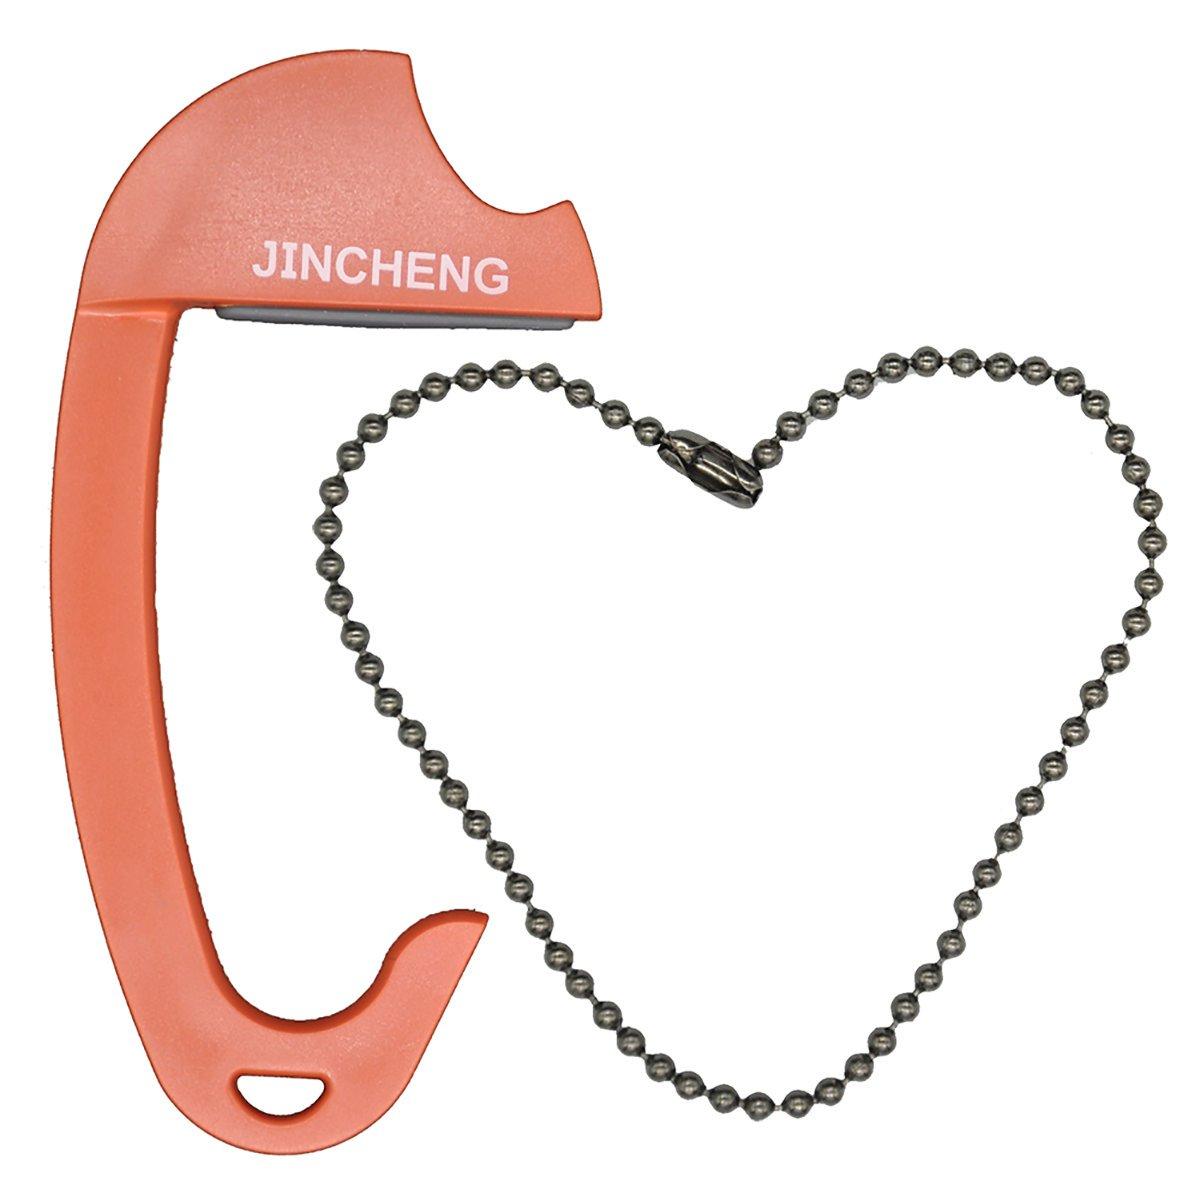 Jincheng Accroche-Sac pour Table pu Voiture, Crochet Portable pour Sac Jusqu'à15 Kg Poids Maximal,Couleur Marron